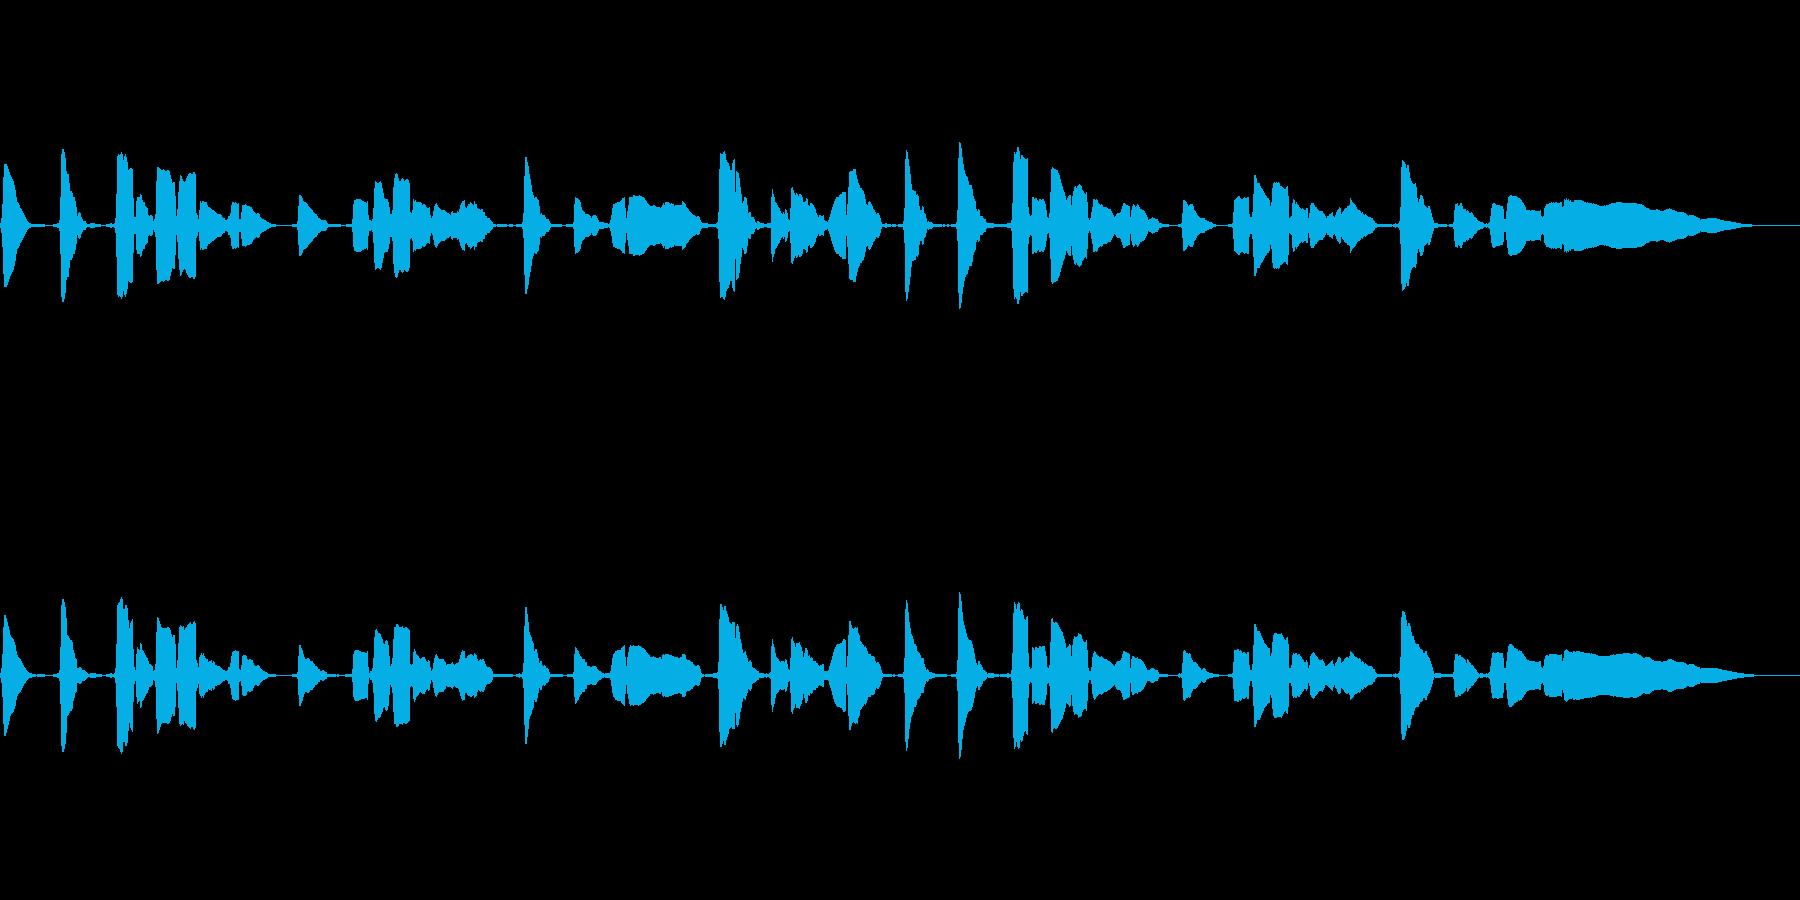 サックス一本での官能的な曲の再生済みの波形